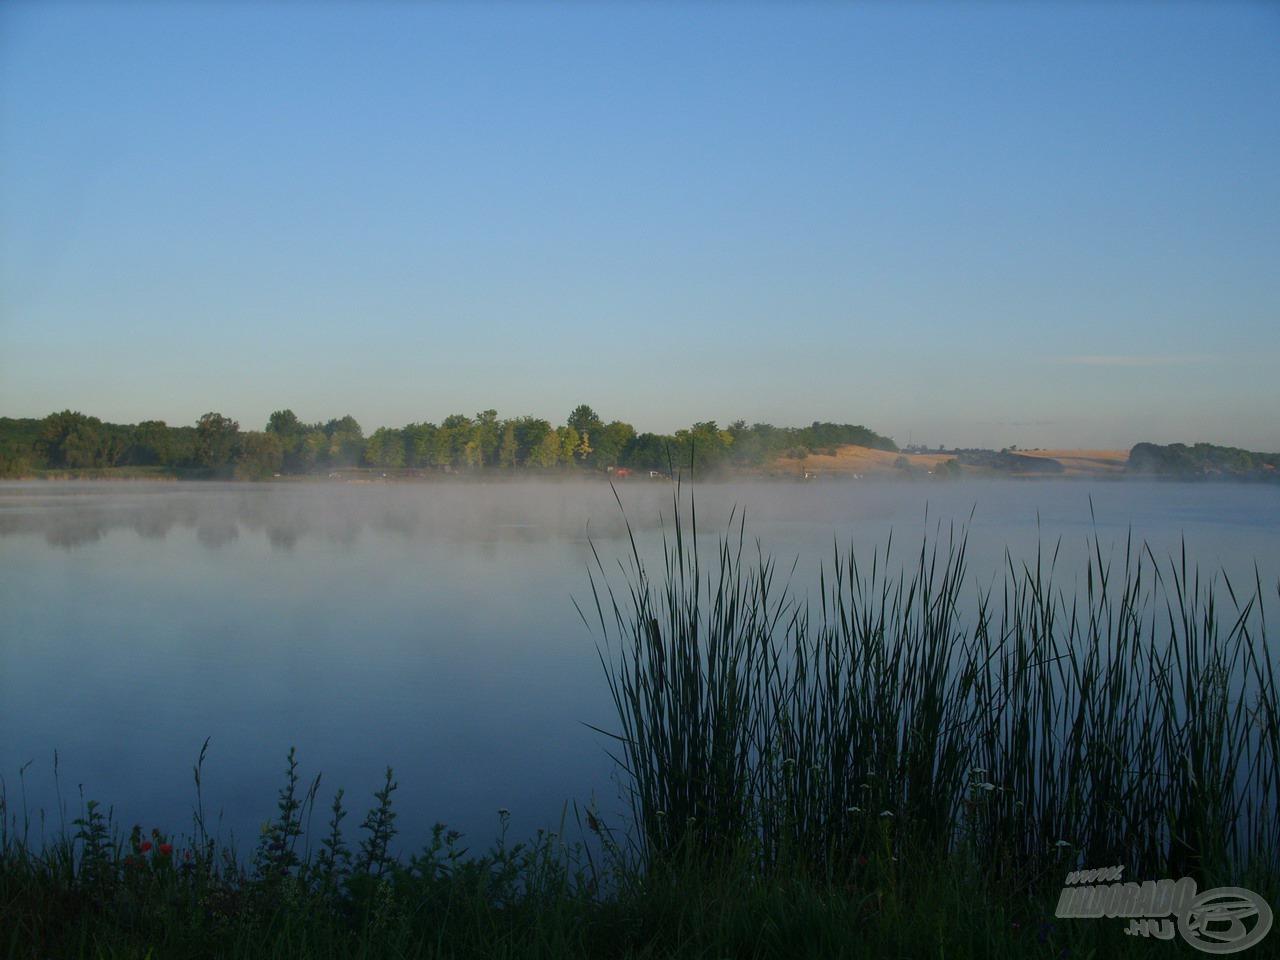 Gőzölgő, nyugodt víztükör fogadott az ébredező tó partján